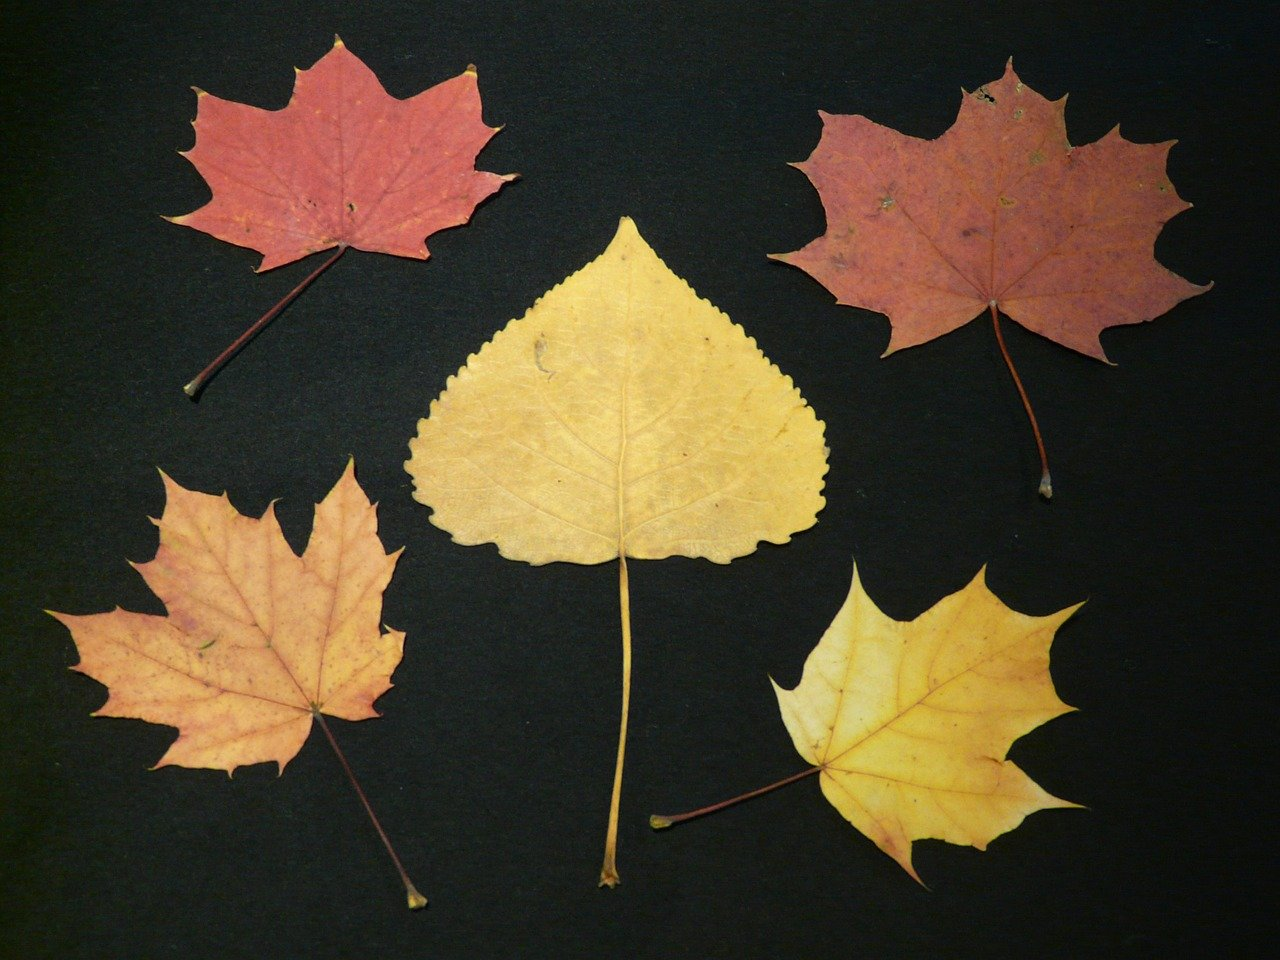 poplar-leaf-63225-1280.jpg